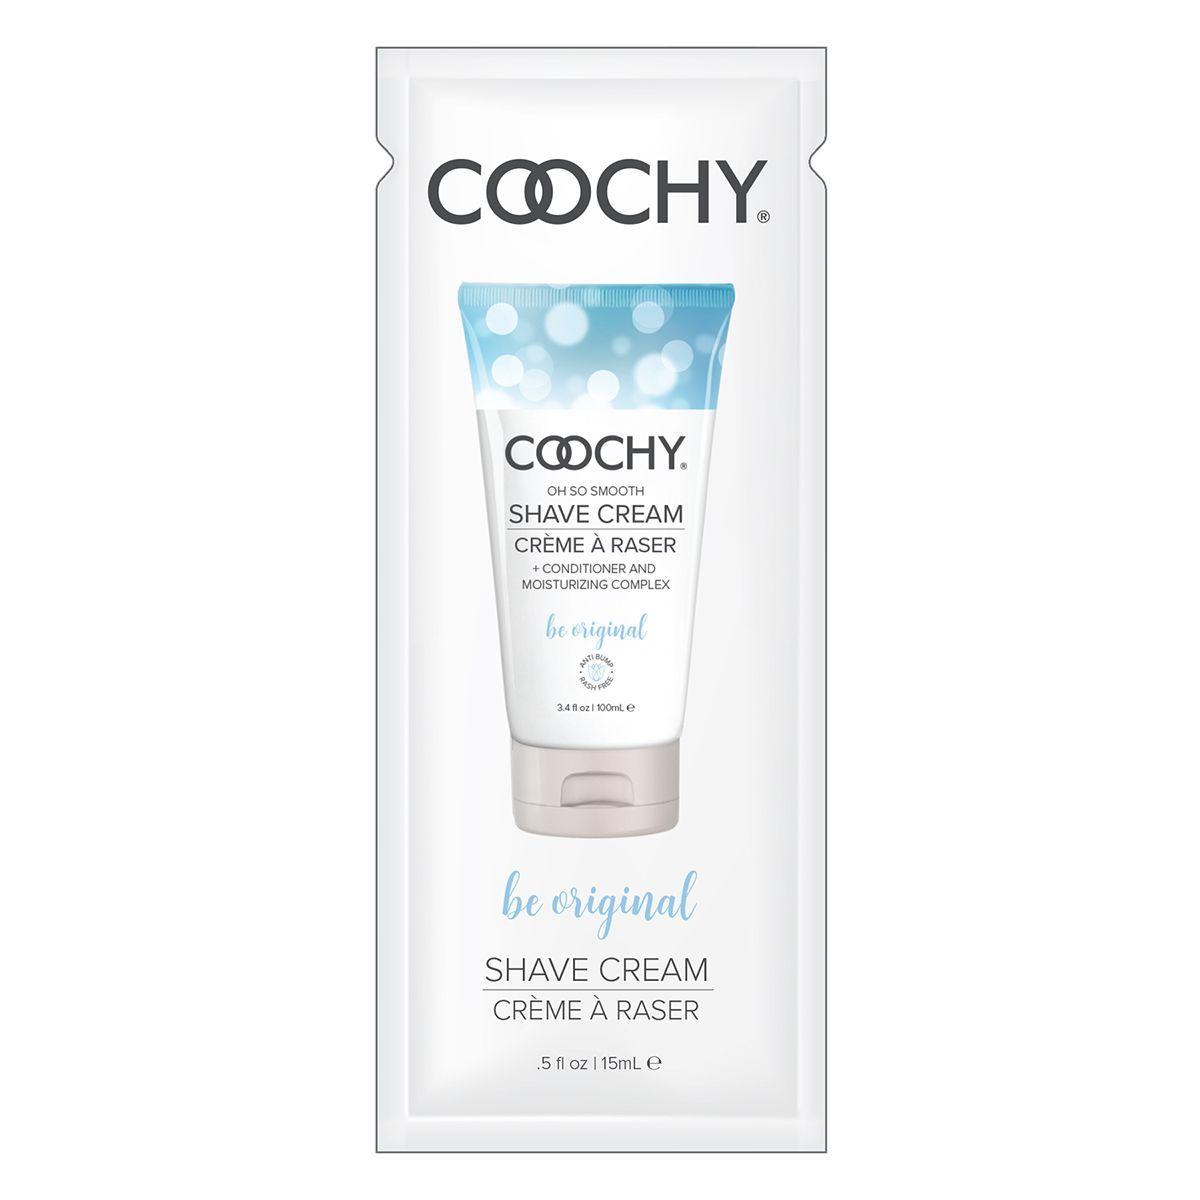 Средства по уходу за телом, косметика: Увлажняющий комплекс COOCHY Be Original - 15 мл.